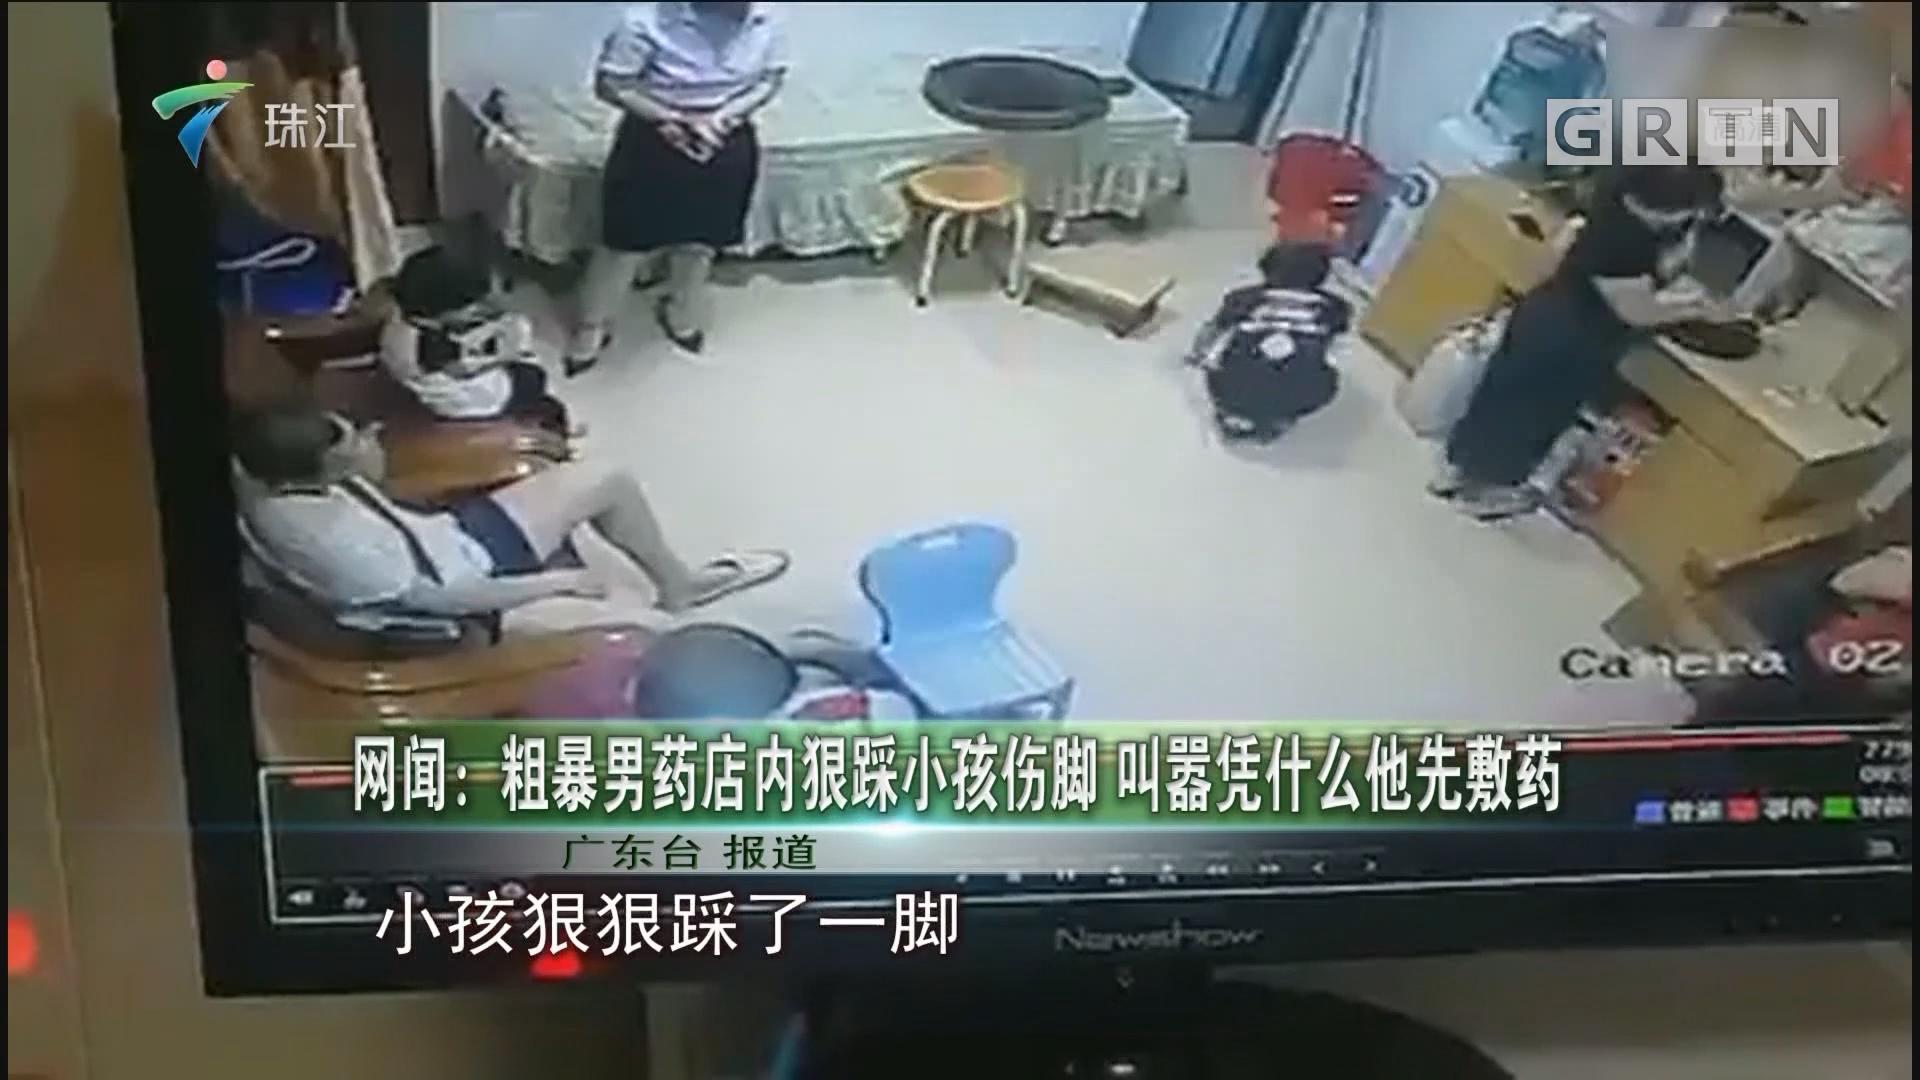 网闻:粗暴男药店内狠踩小孩伤脚 叫嚣凭什么他先敷药